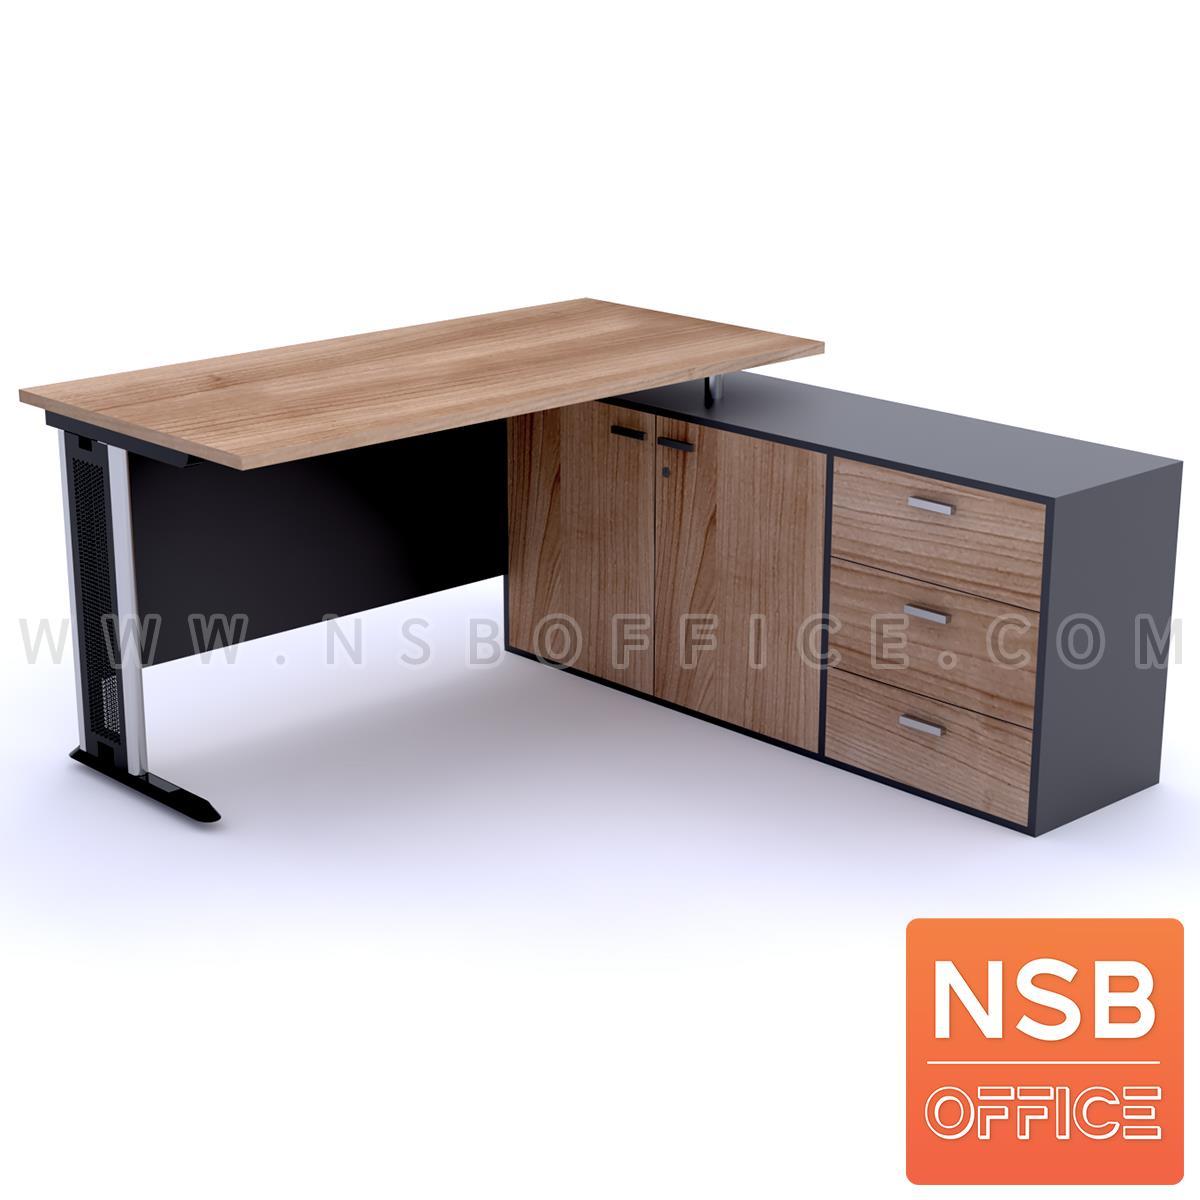 A18A064:โต๊ะทำงานตัวแอล   ขนาด 150W1 ,165W1*130W2 cm.  พร้อมตู้ข้างเตี้ย เมลามีน